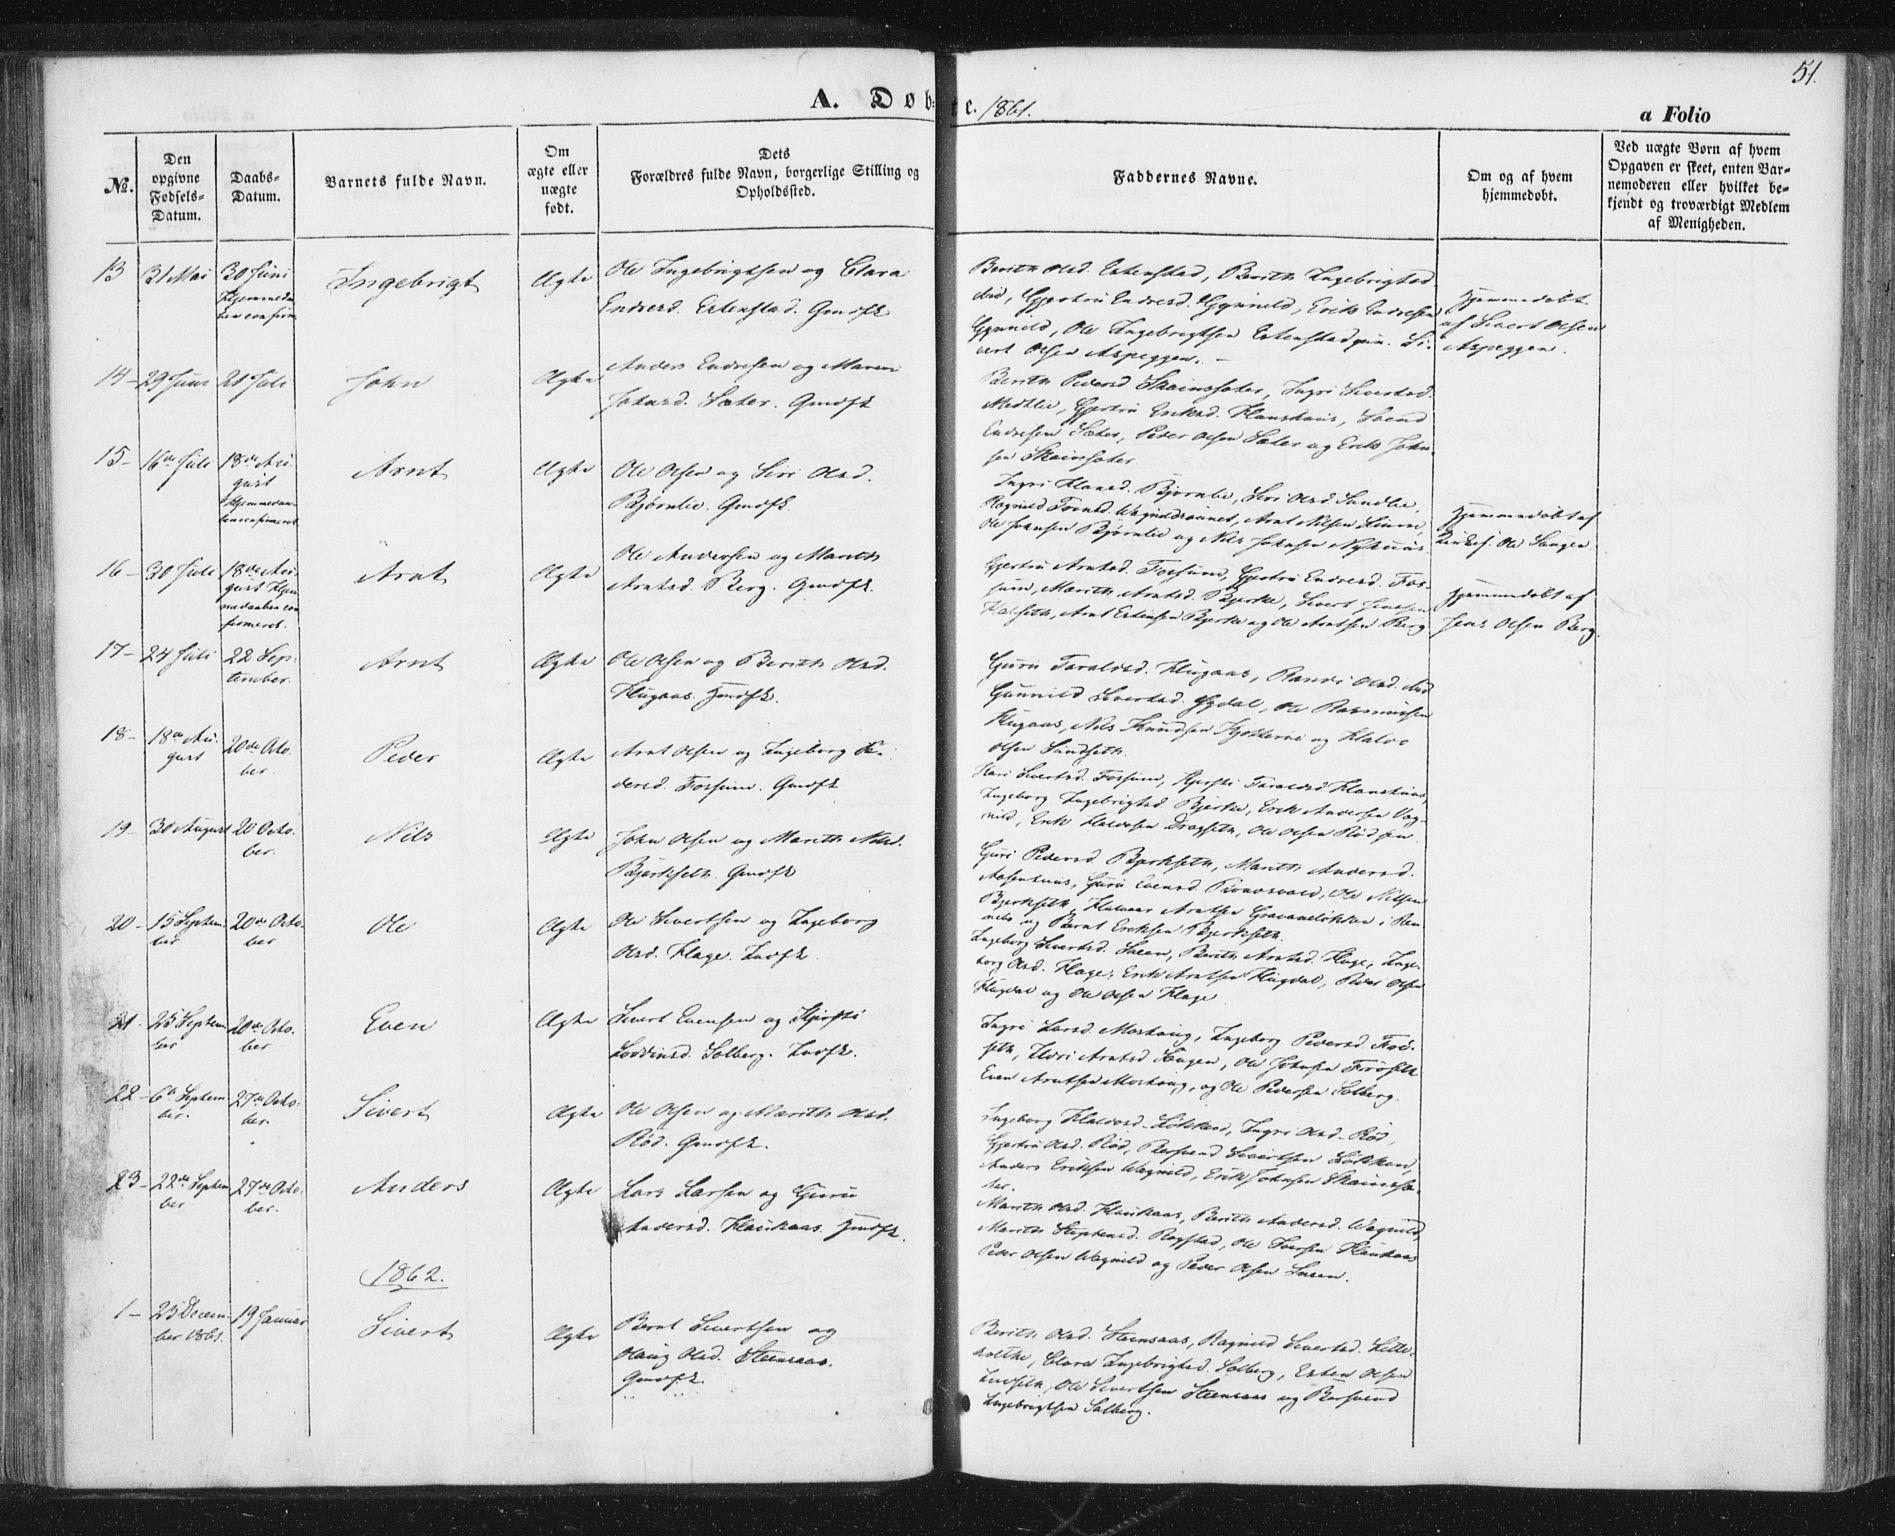 SAT, Ministerialprotokoller, klokkerbøker og fødselsregistre - Sør-Trøndelag, 689/L1038: Ministerialbok nr. 689A03, 1848-1872, s. 51